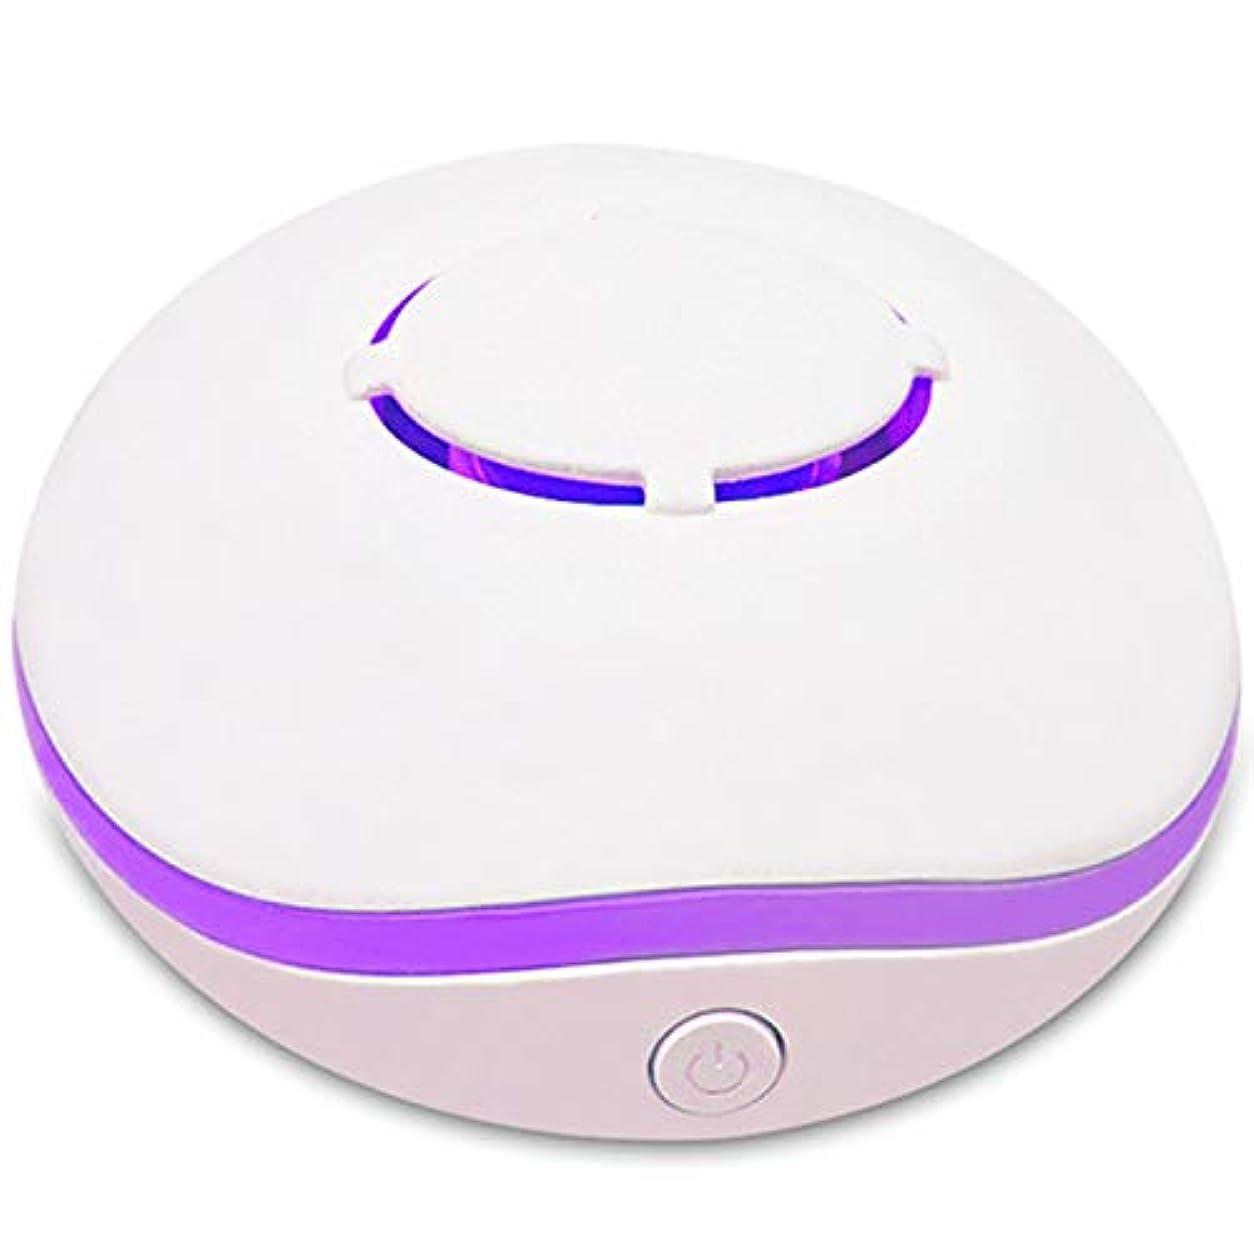 ゼロスキッパーディーラーSODIAL 無水アロマ?ミニディフューザー、エッセンシャルオイルの携帯用ネブライザー、アロマオイルの拡散、家庭用、2つの接続電源モード、白色